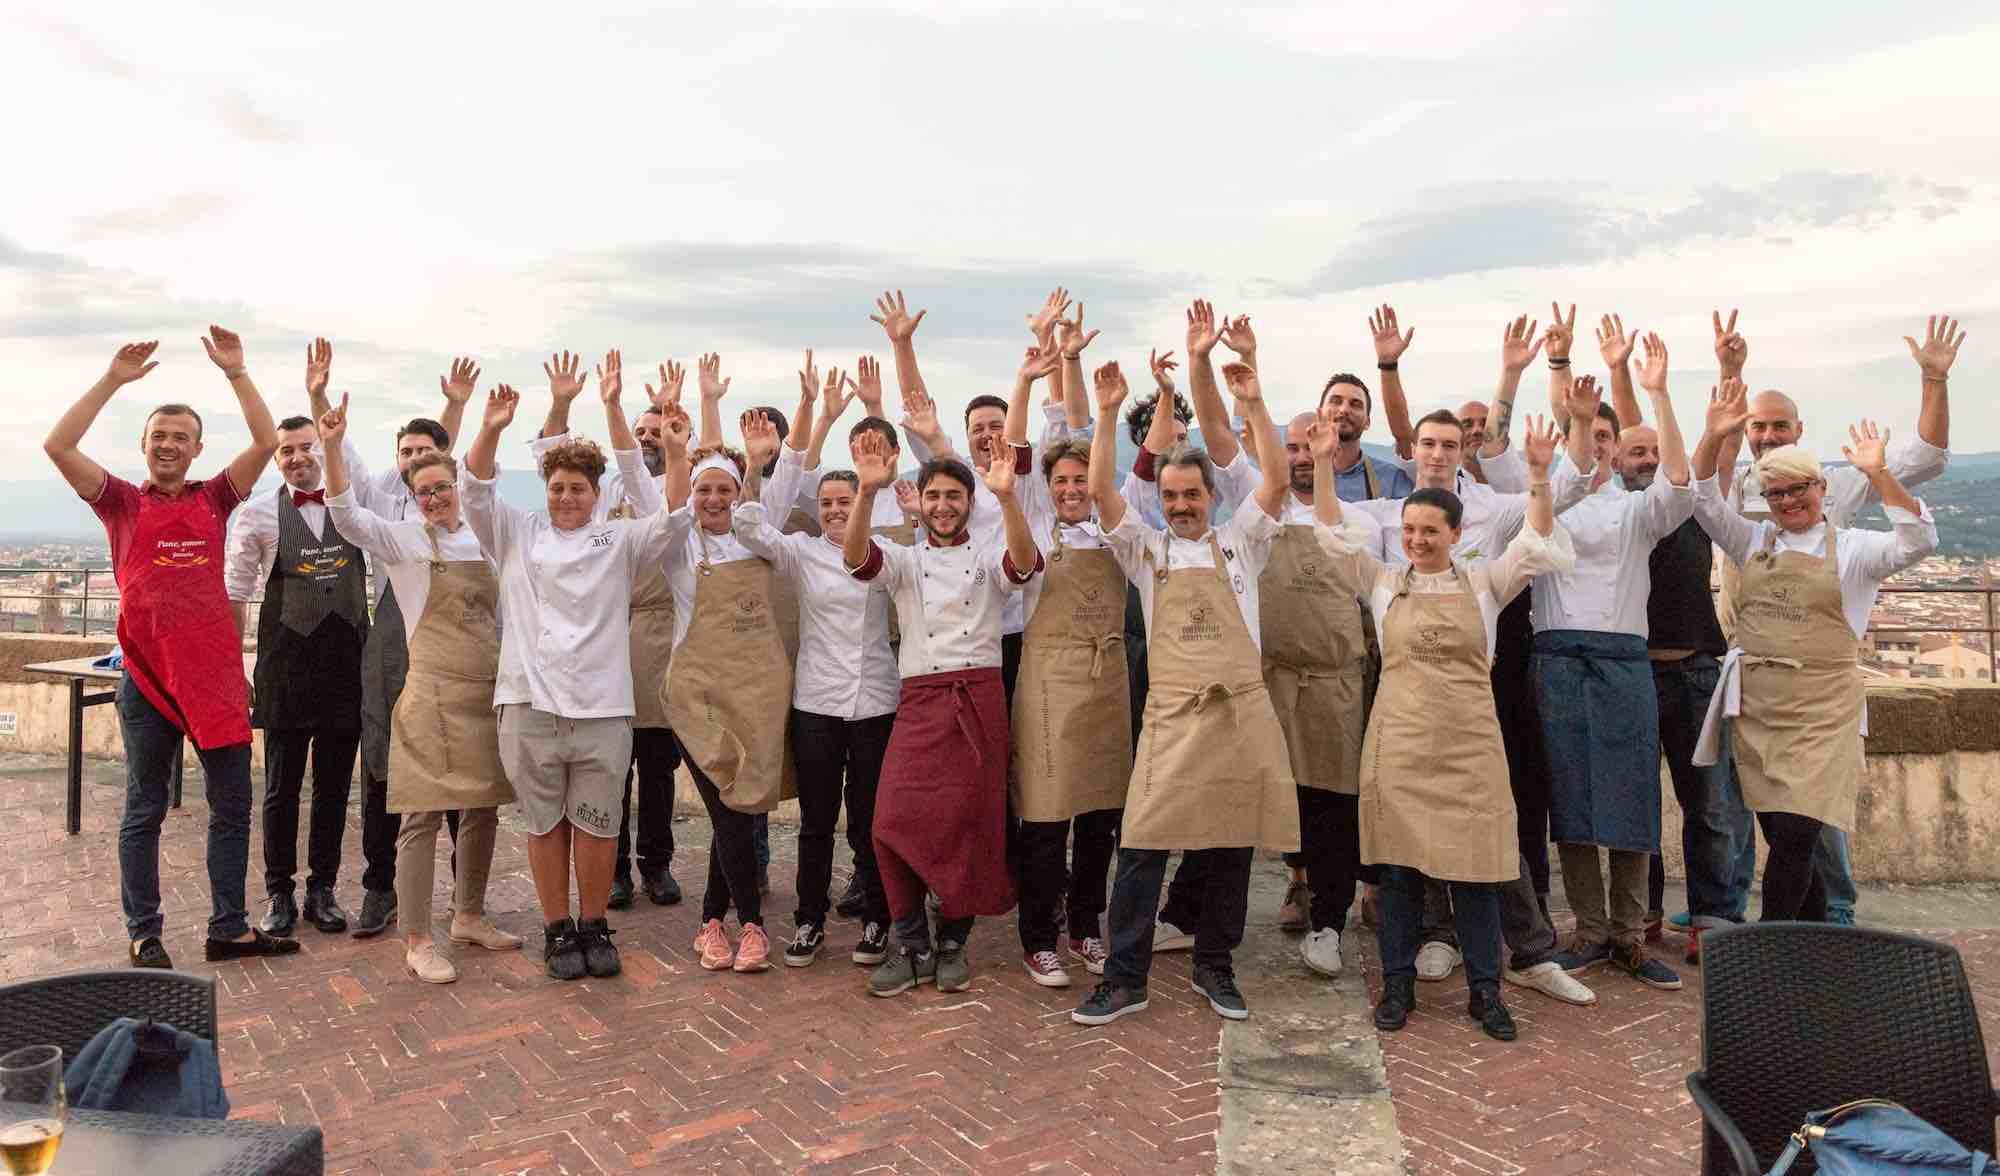 Il 4/07 al Forte Belvedere di Firenze si terrà Italian Chef Charity Night 2019: evento di solidarietà che coinvolge i migliori chef toscani